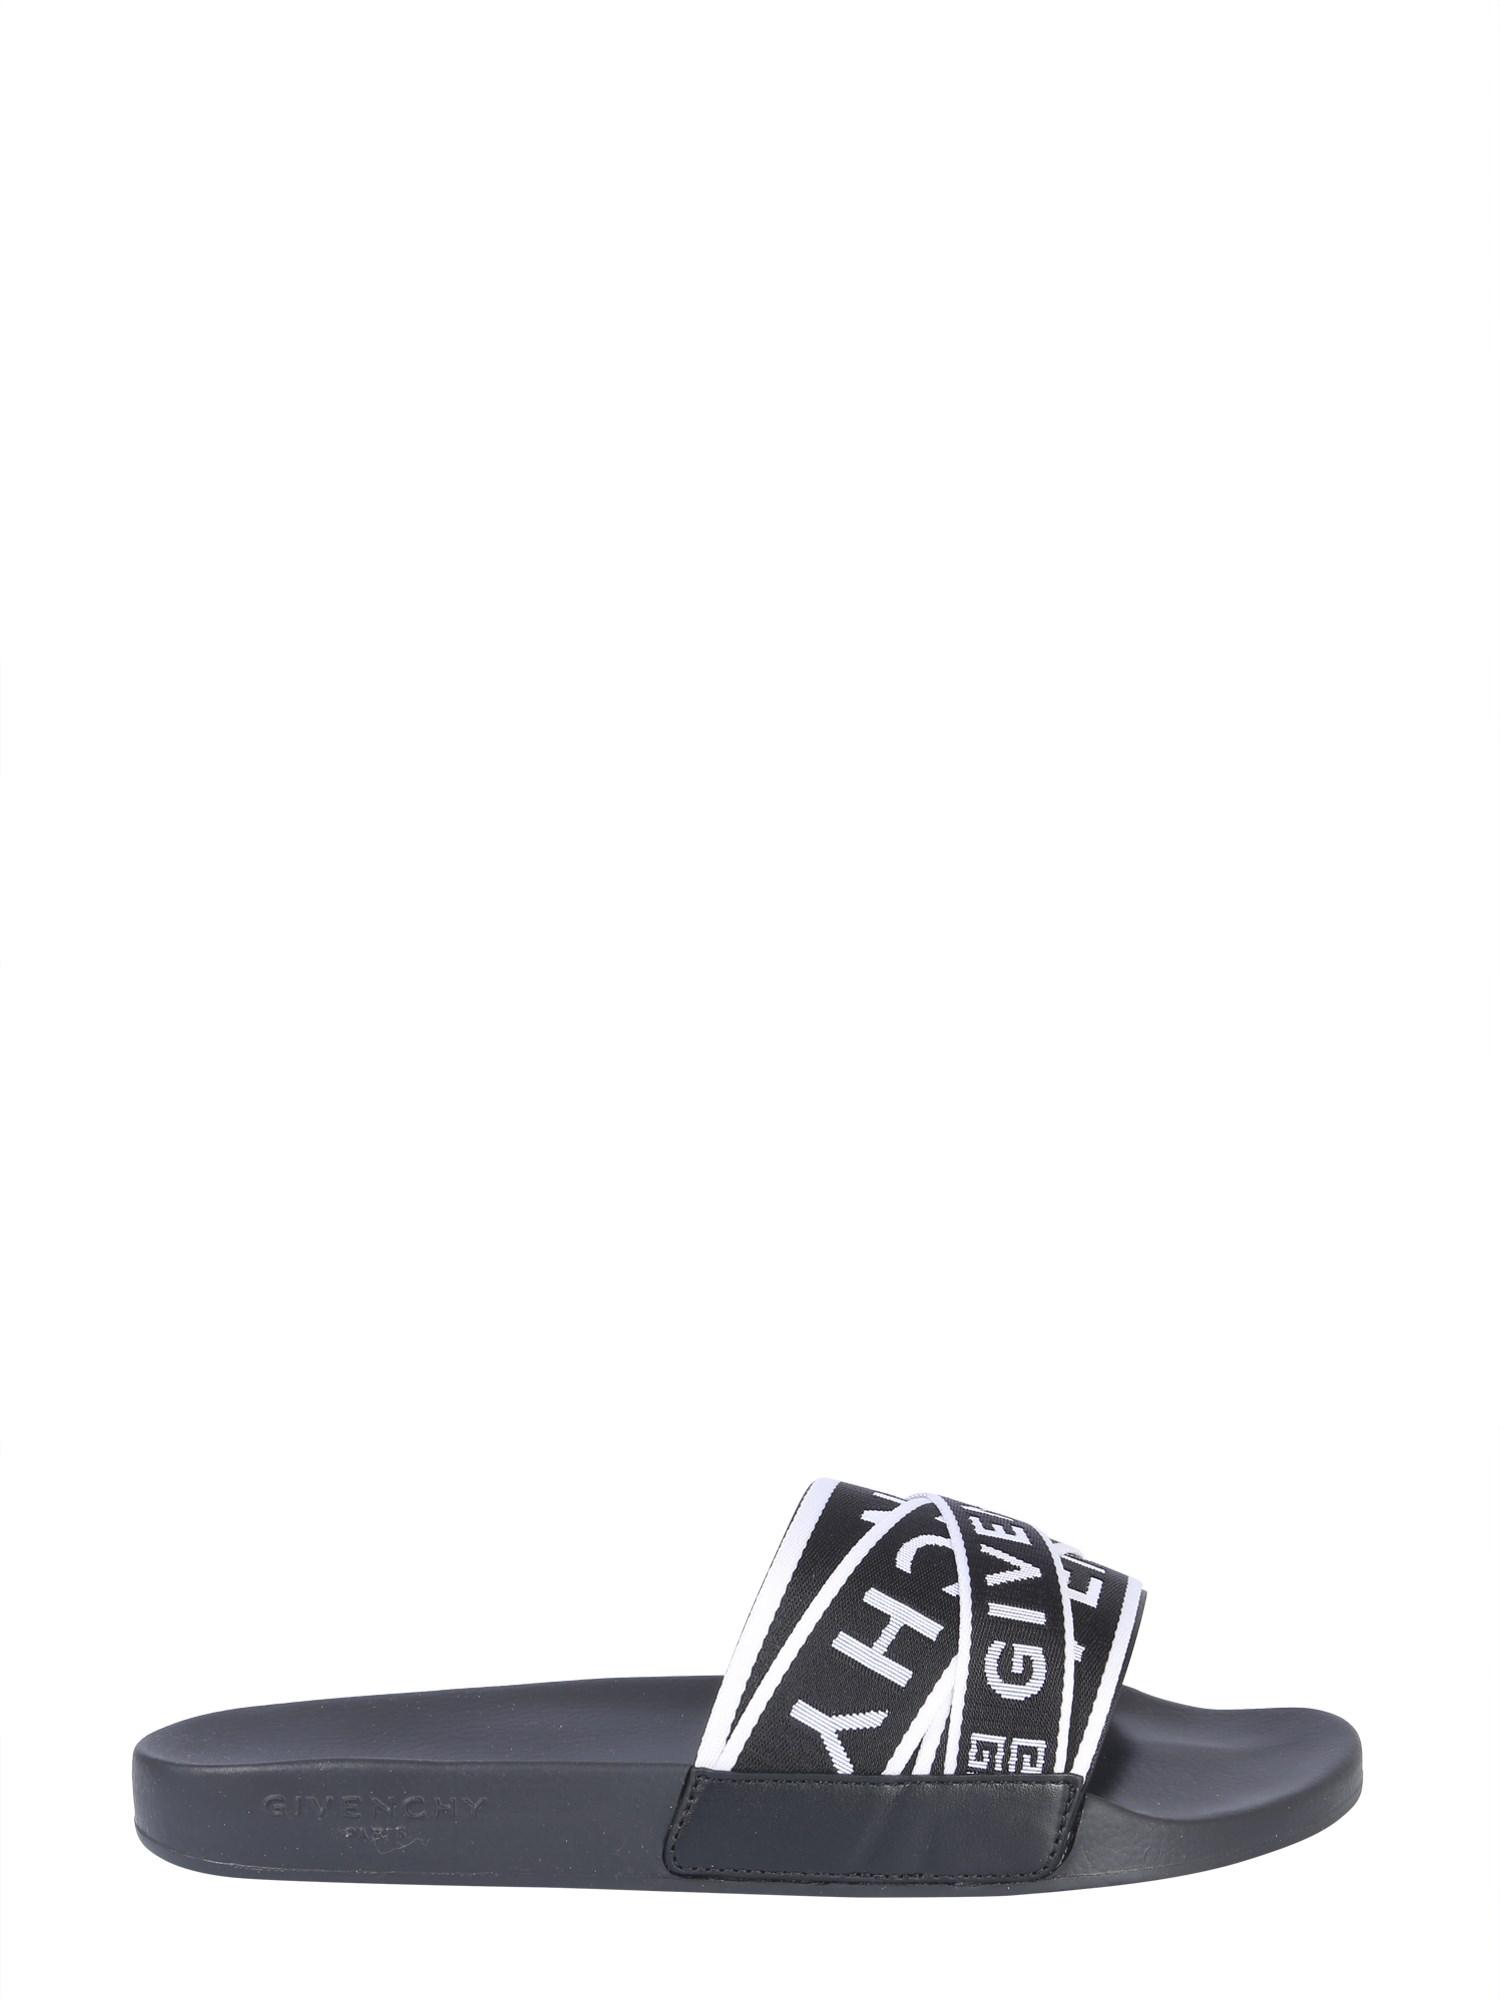 379ef3704be Givenchy Logo-Jacquard Webbing